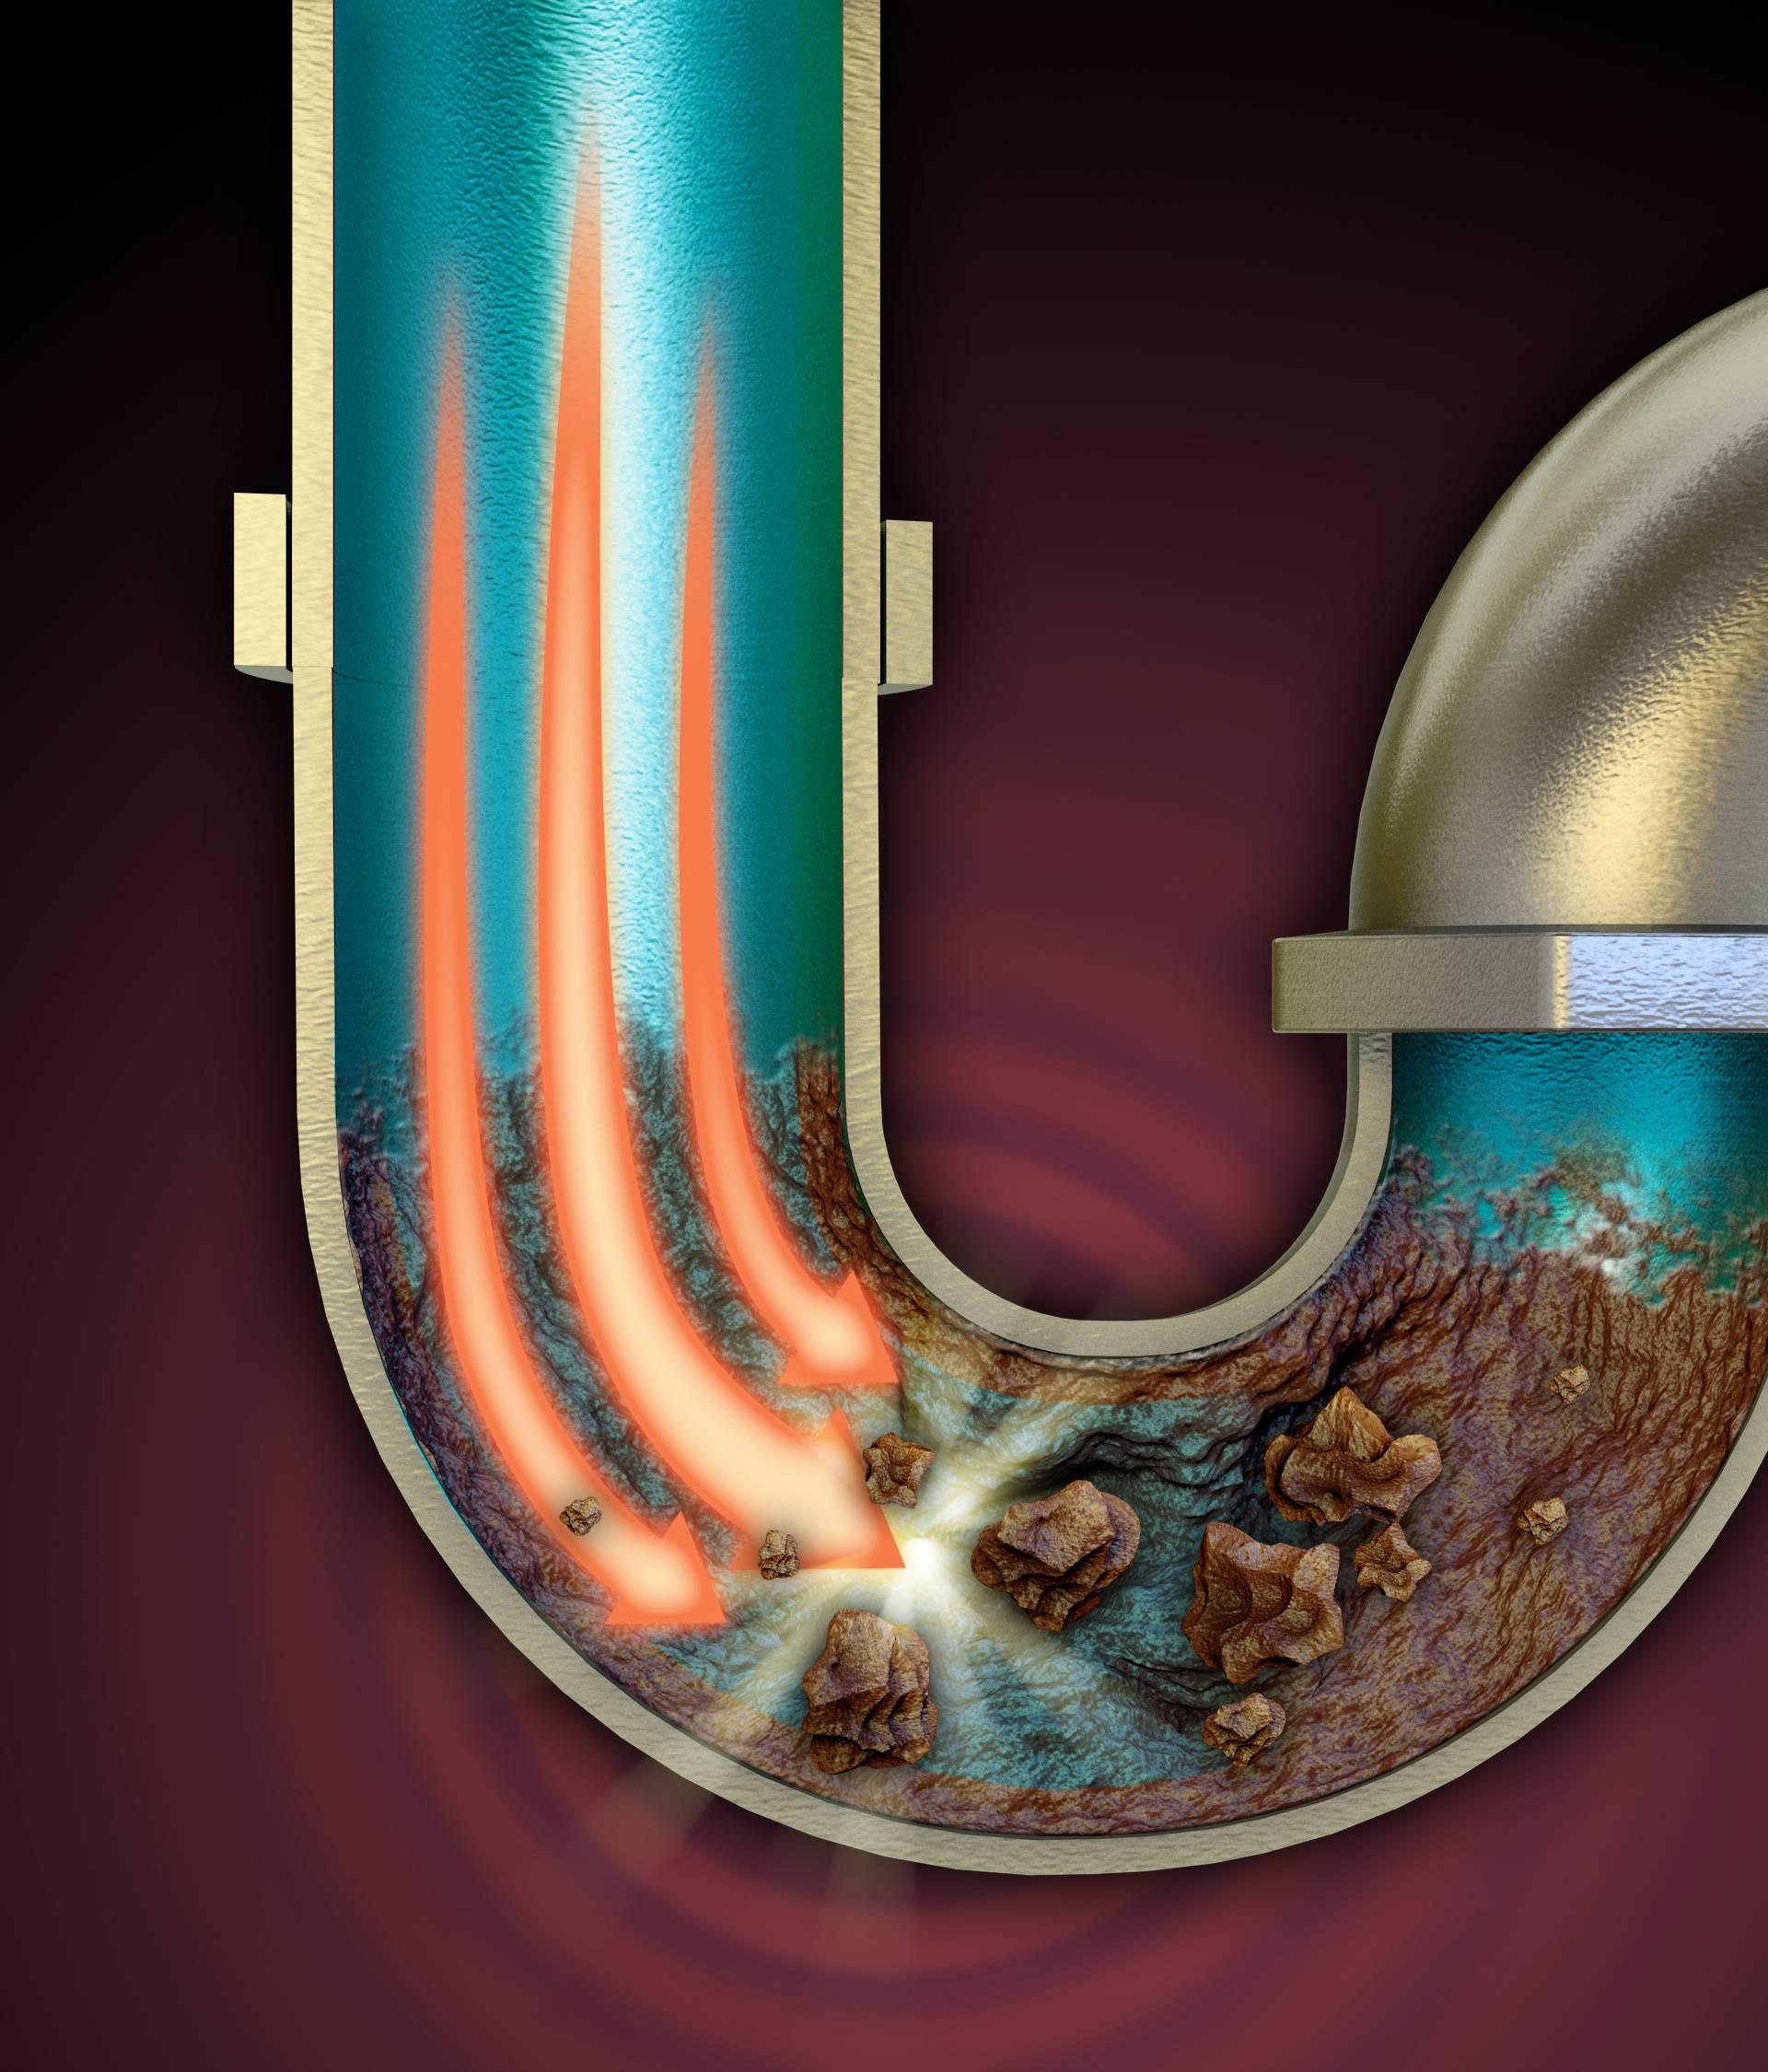 Ulje i masnoće ne treba bacati u sudoper - stvorit će se čep